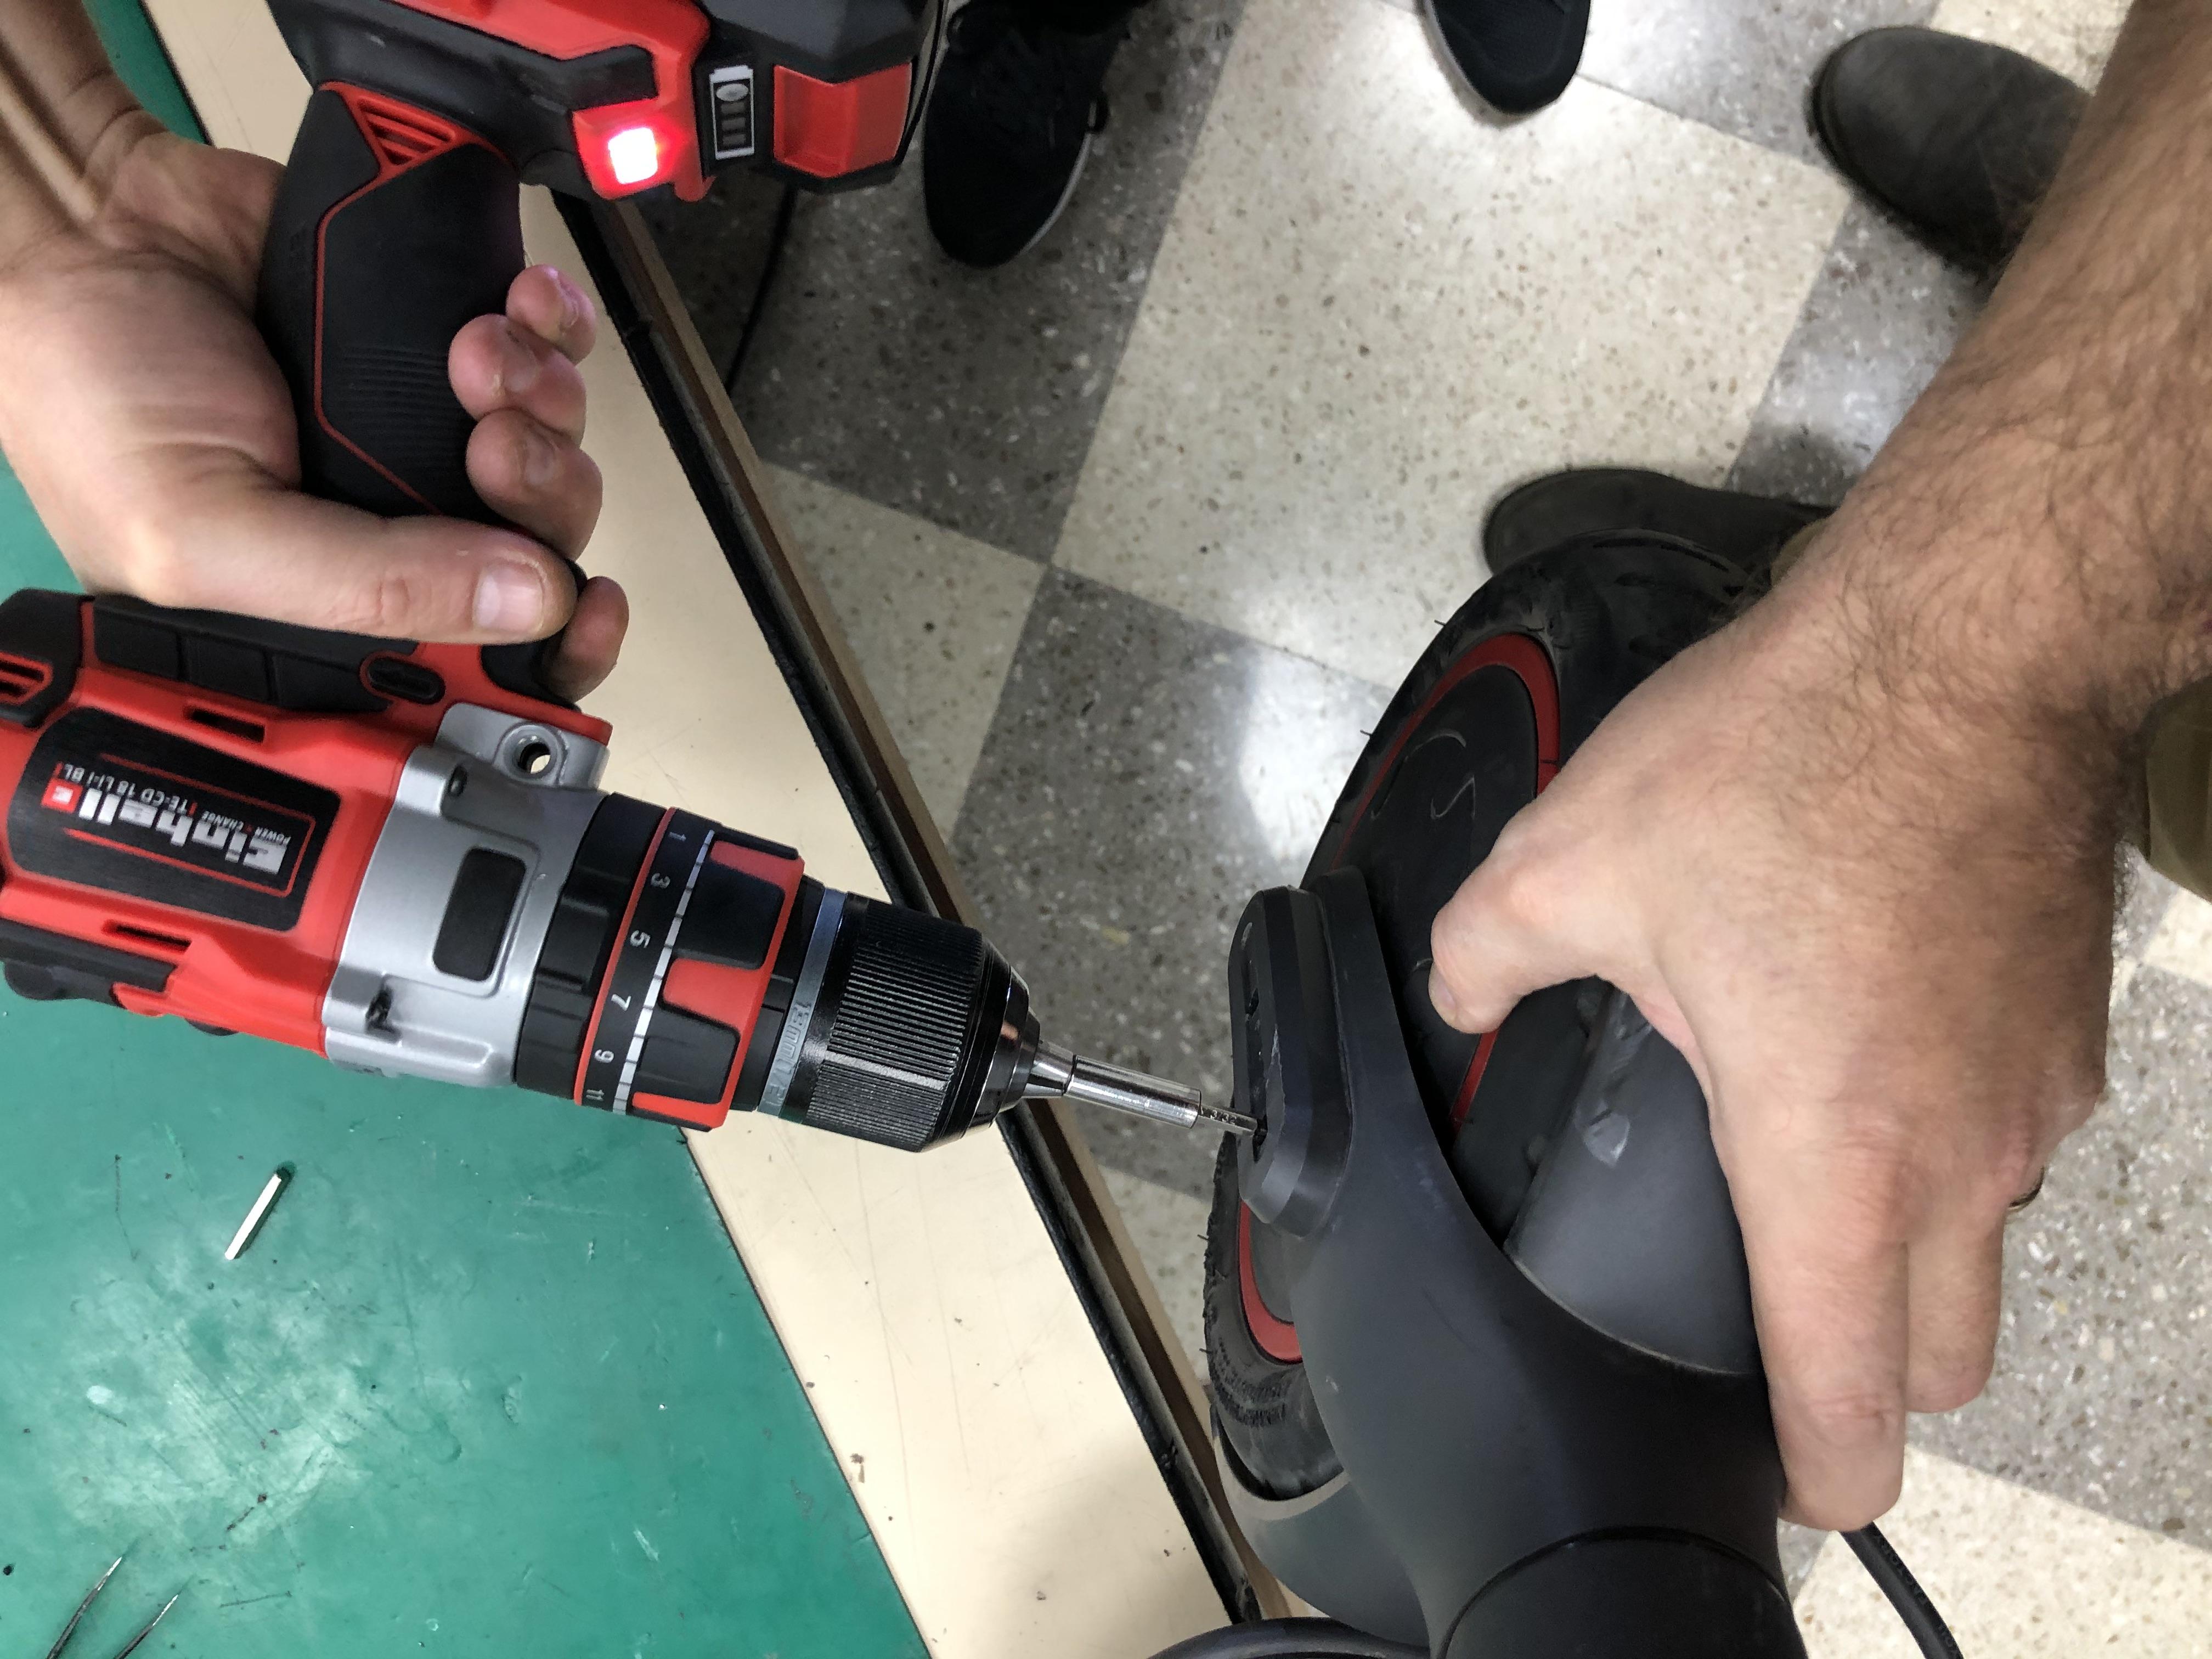 assistenza xiaomi riparazione monopattino